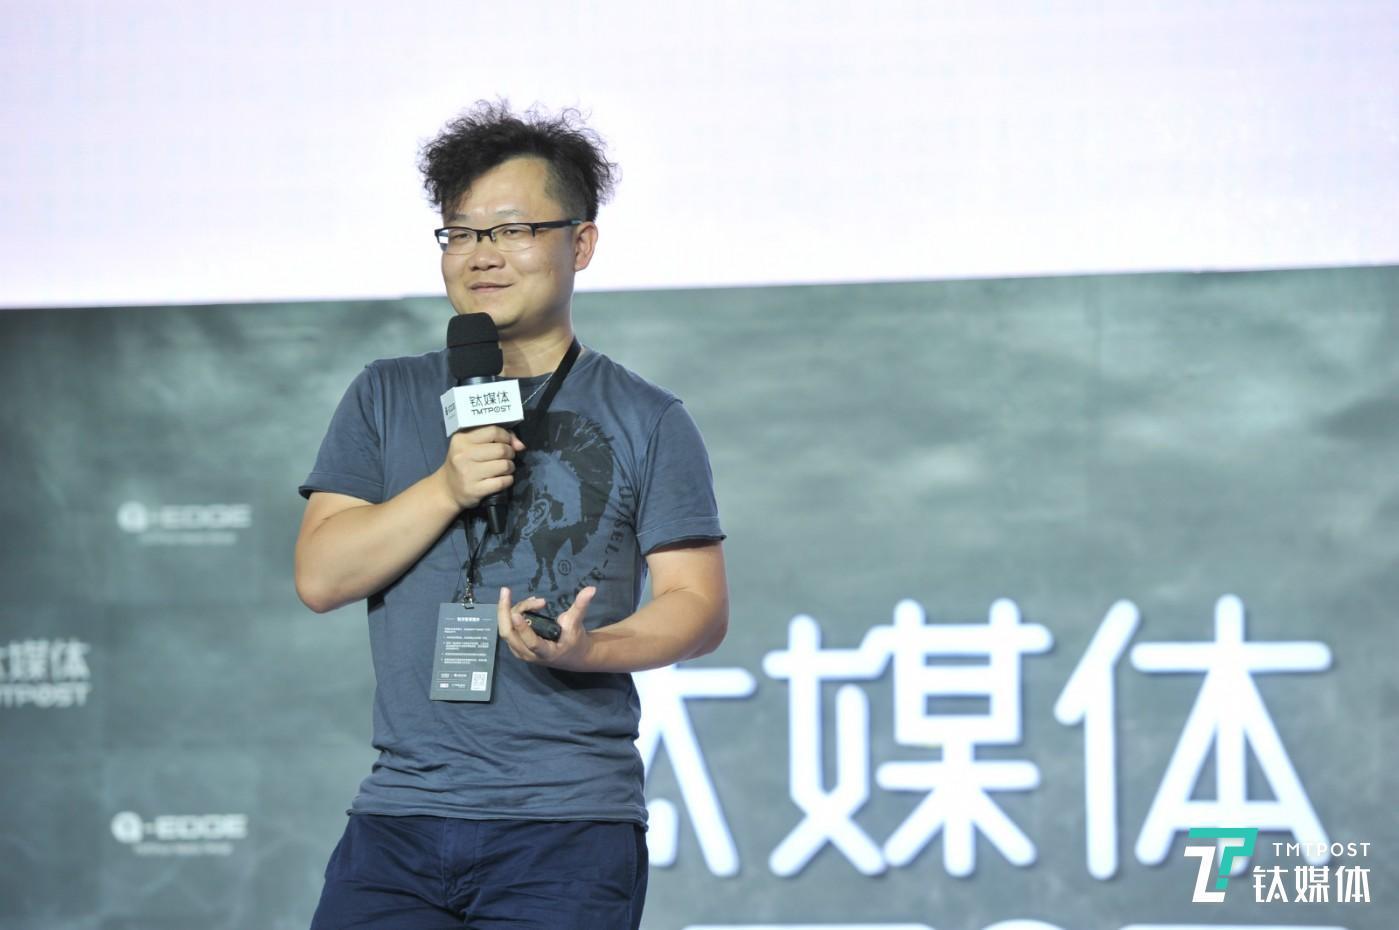 Musical.ly/Muse 联合创始人、CEO 阳陆育在钛媒体2017 T-EDGE 科技生活节